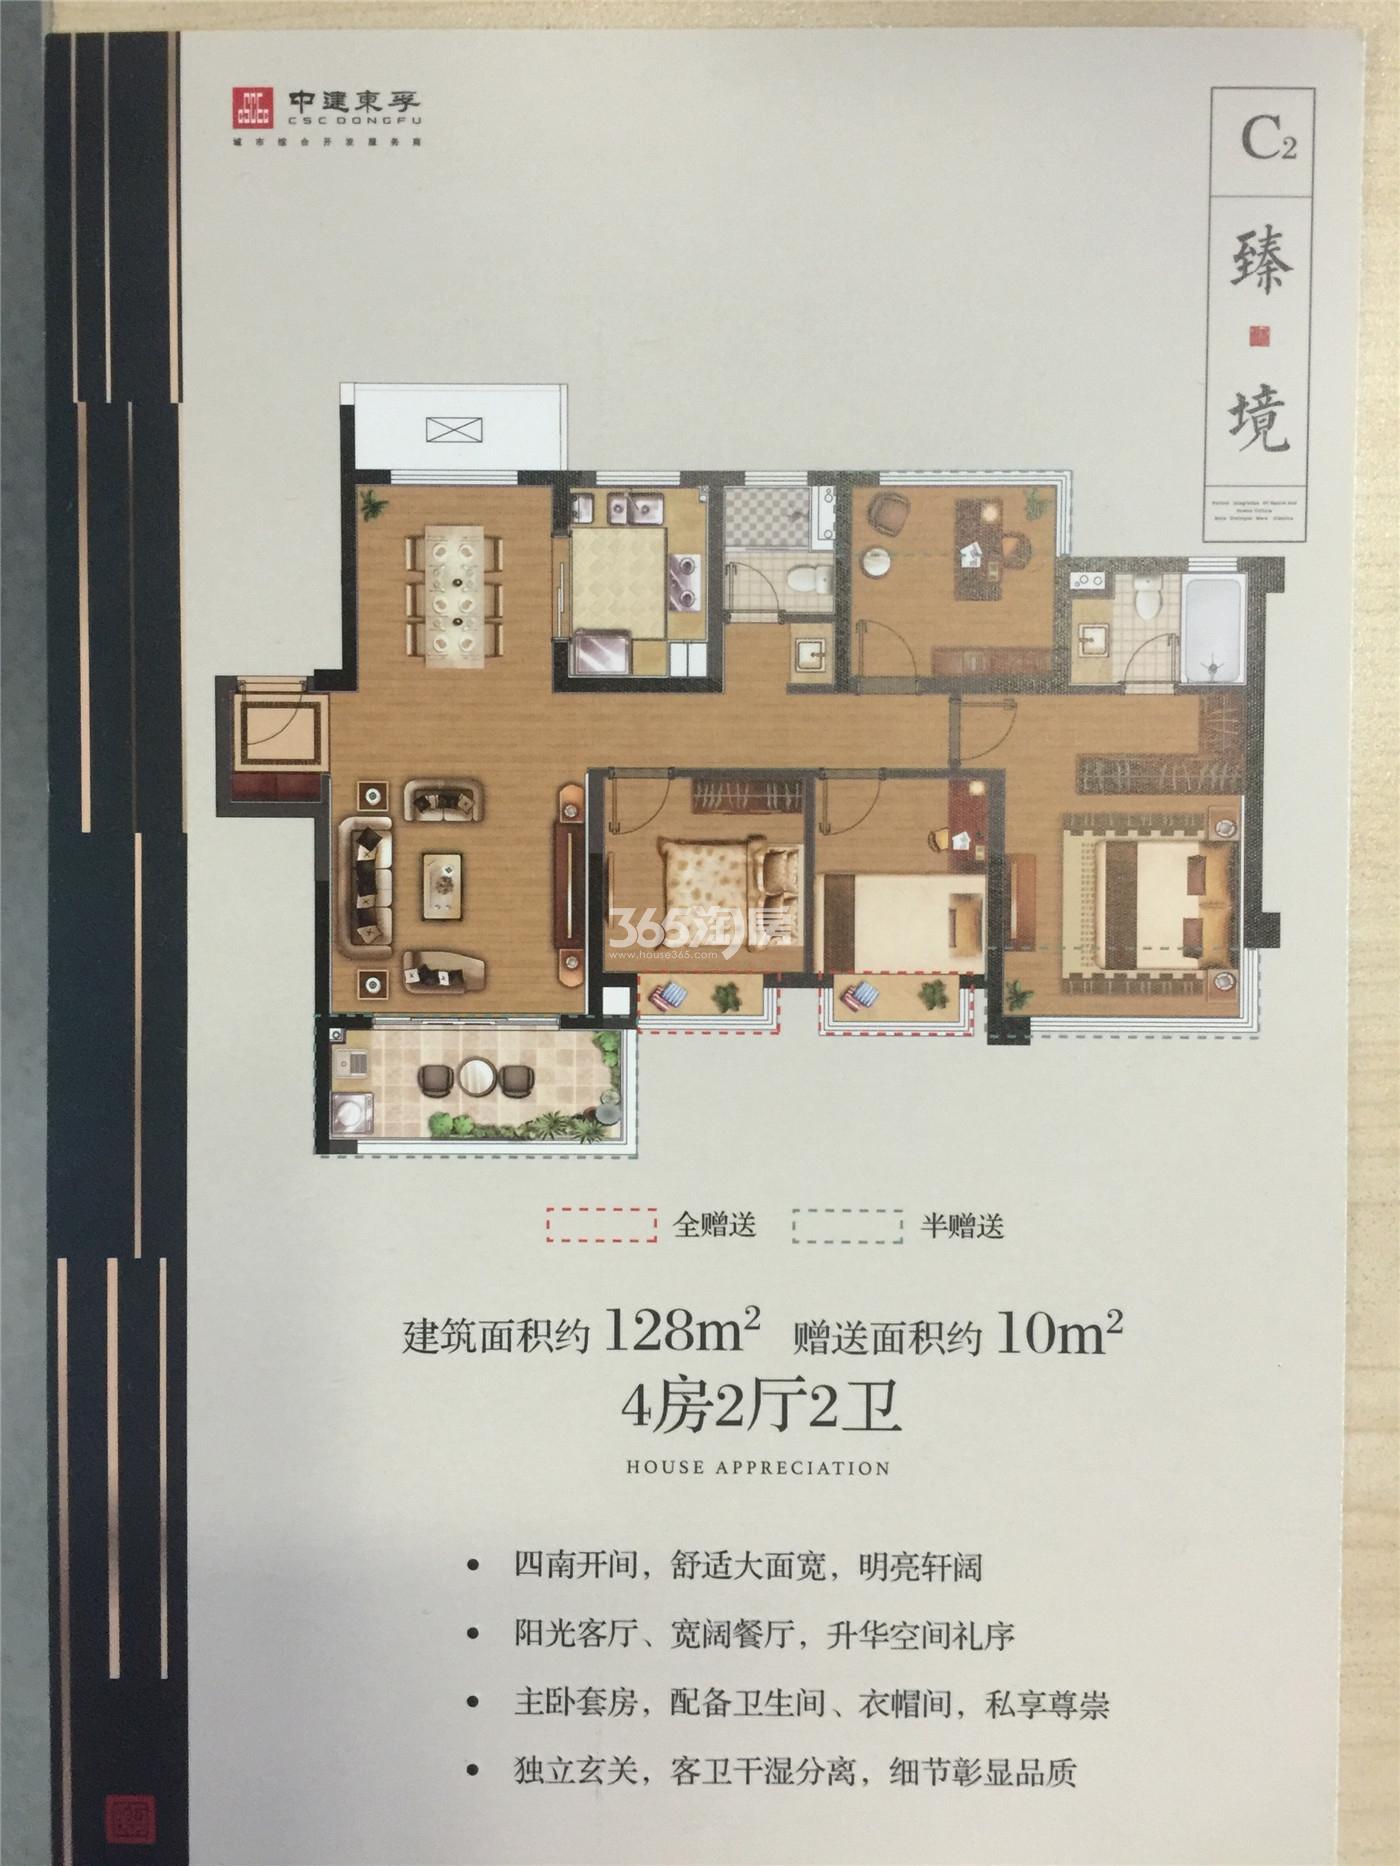 中建江浦G02地块户型图